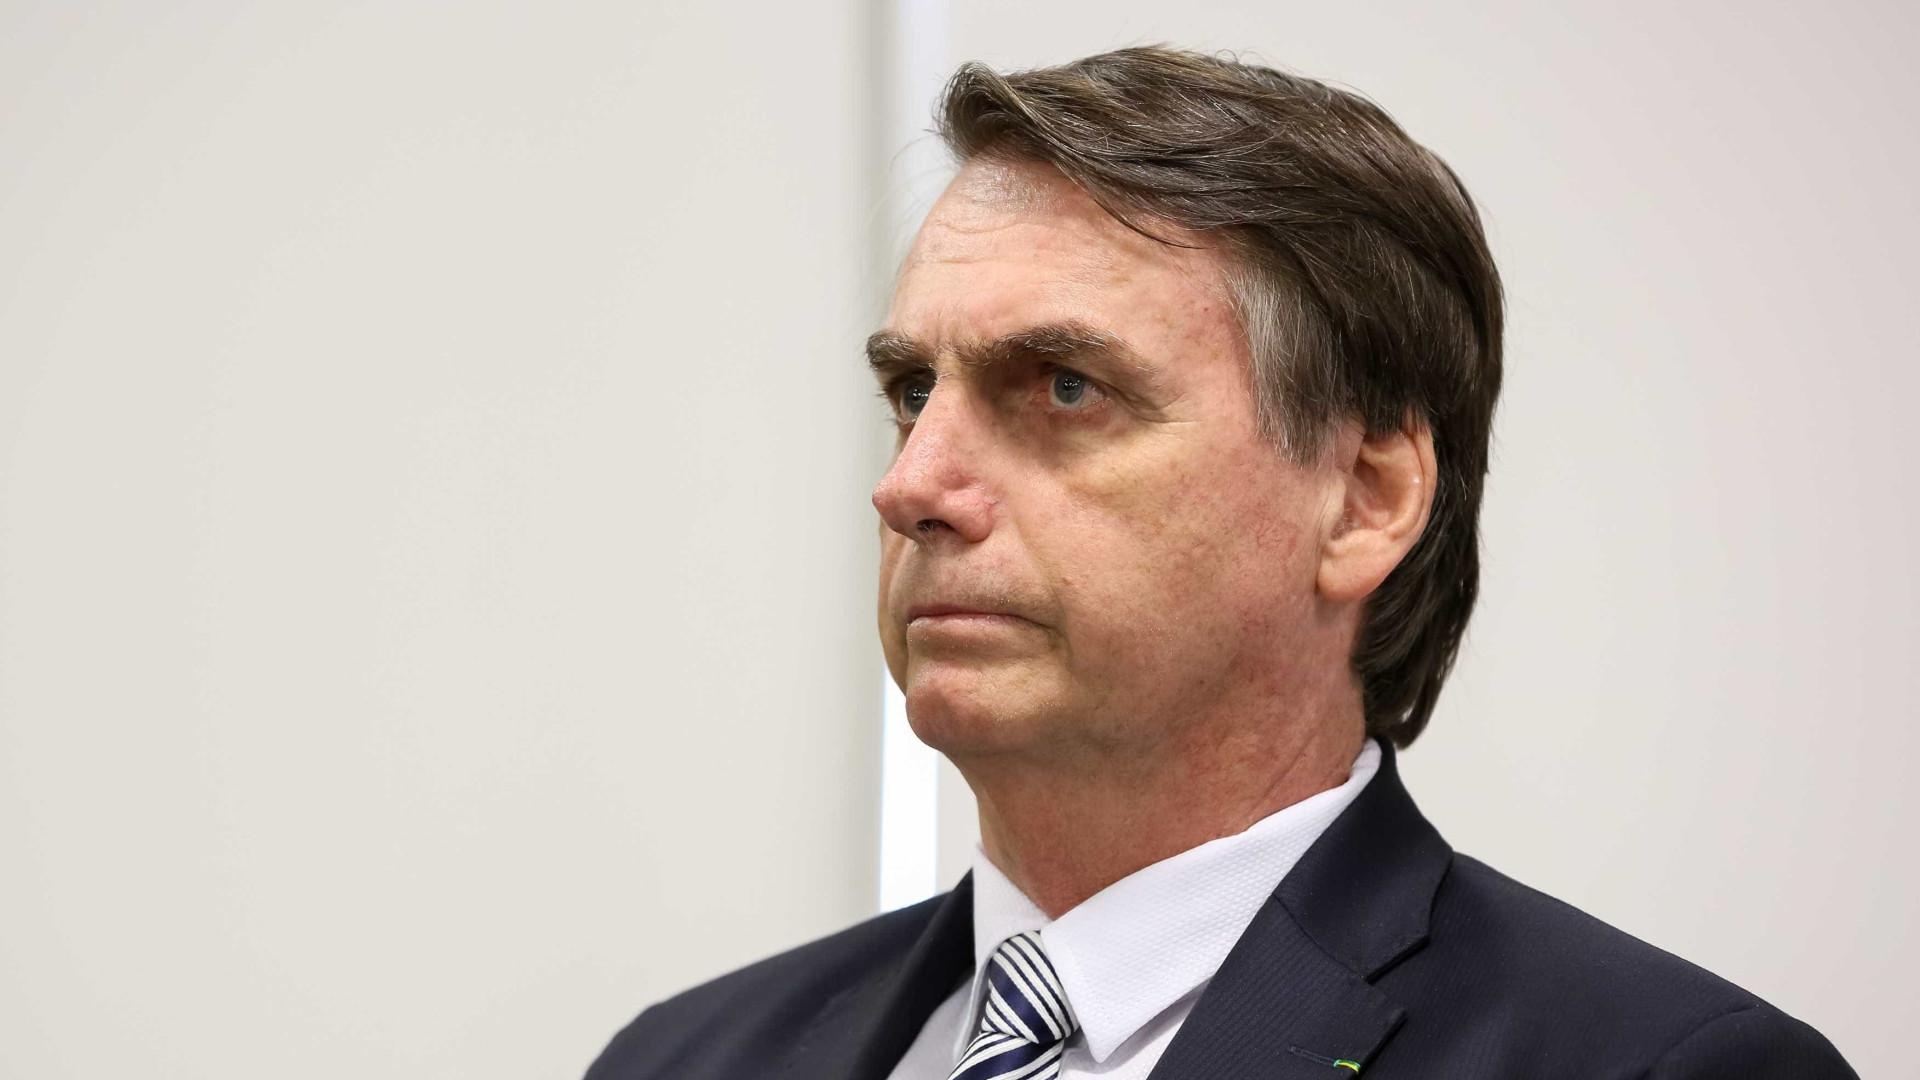 Globo se manifesta após ser chamada de 'inimiga' por Bolsonaro